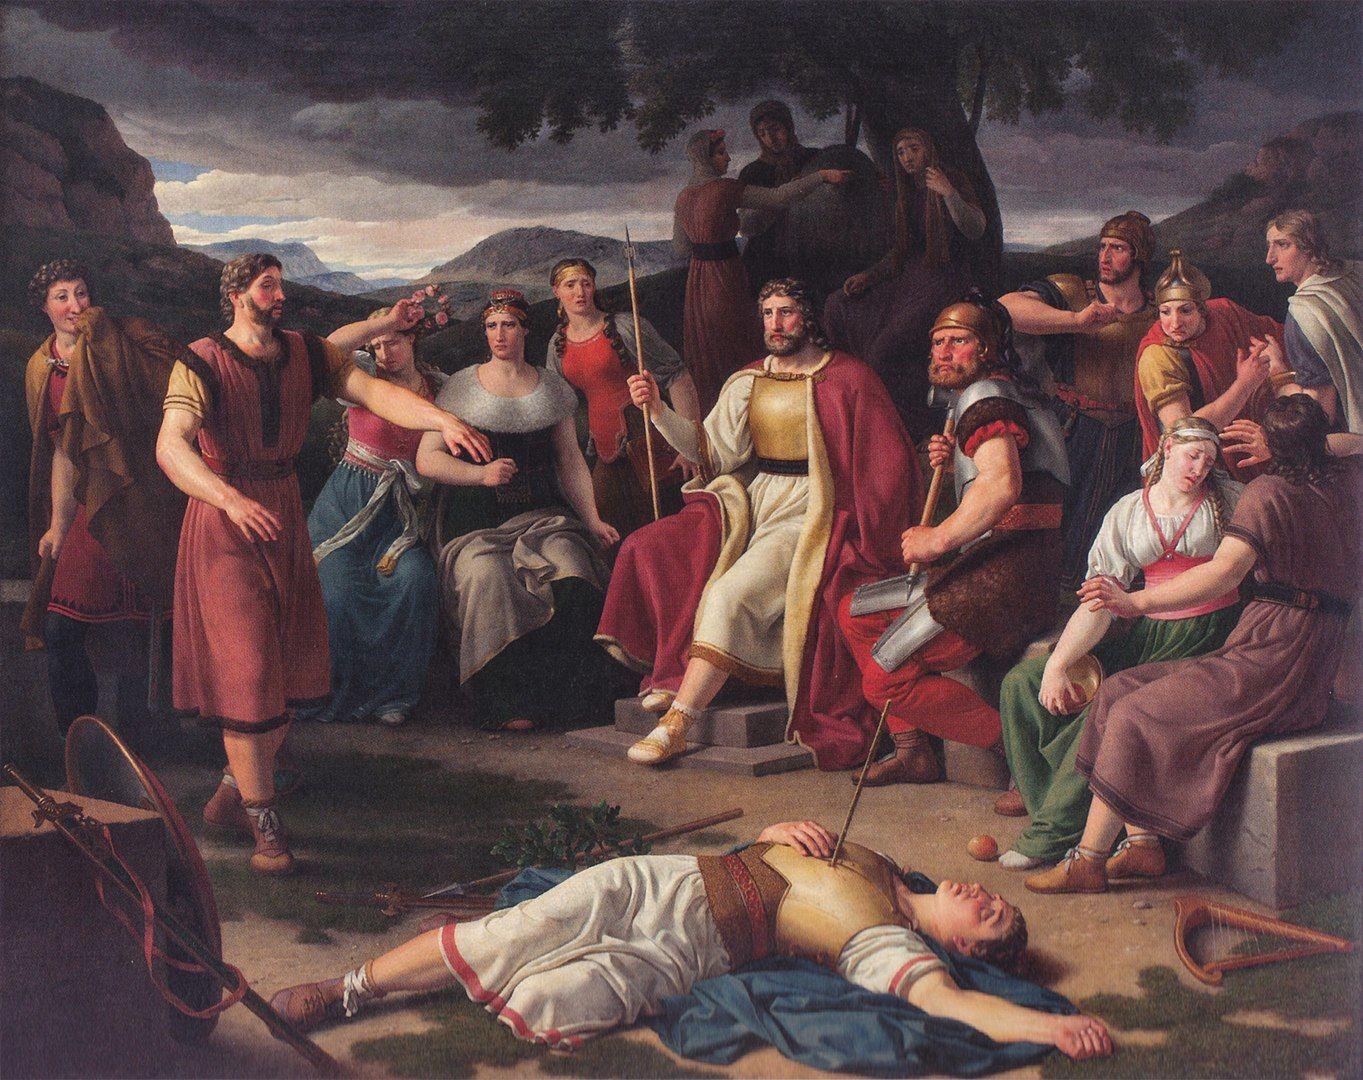 Los Aesir rodean el cuerpo muerto de Baldr en una pintura de Christoffer Eckersberg.